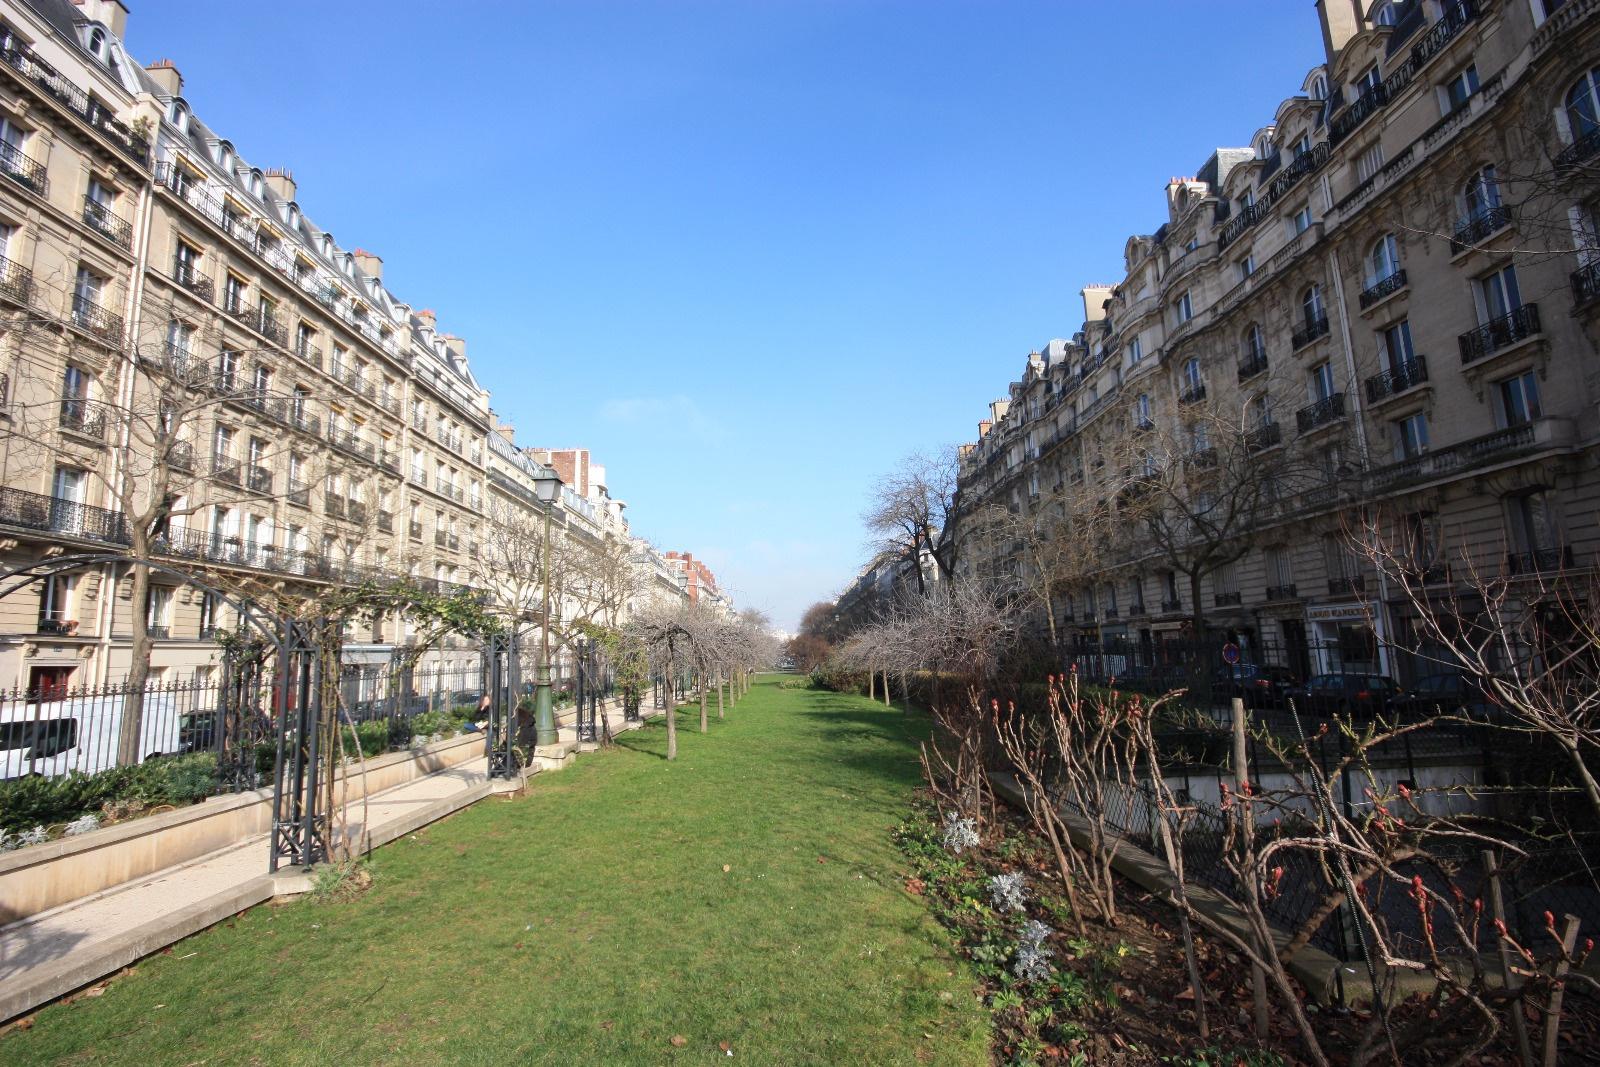 Au vert en ville l 39 immobilier paris 1 re courronne for Biens atypiques paris